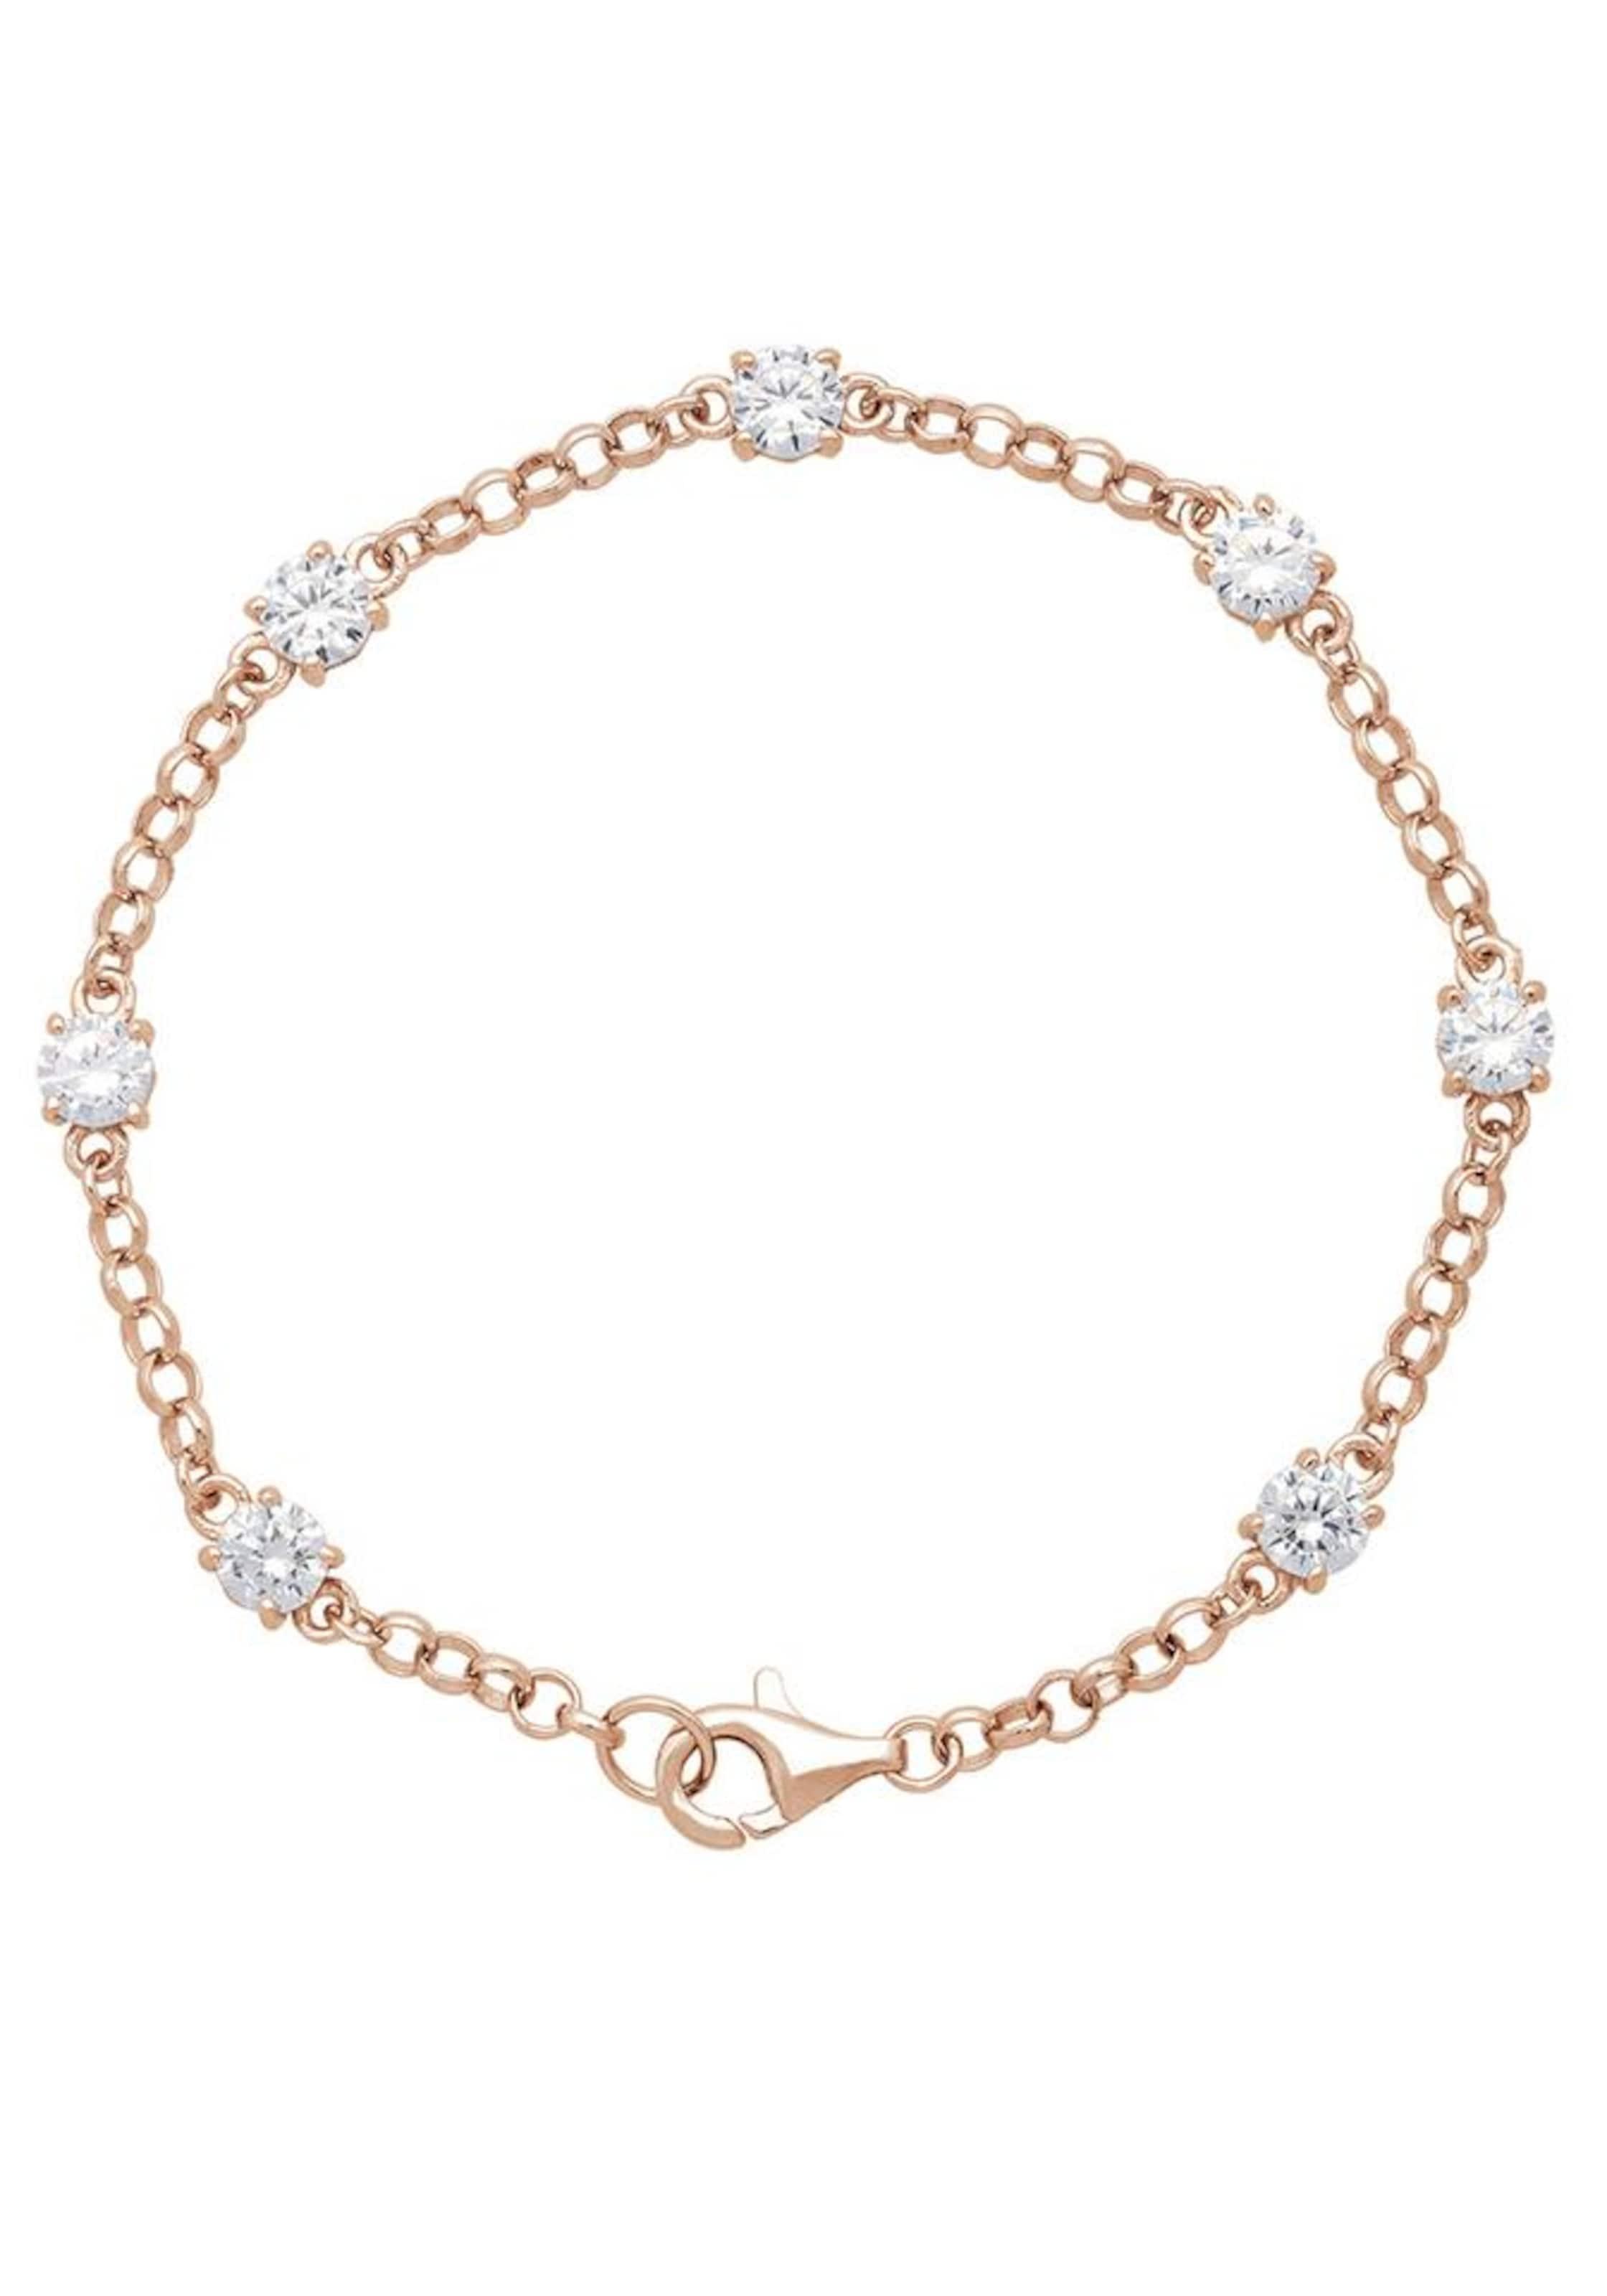 Firetti Firetti RosegoldWeiß Firetti Armband Firetti RosegoldWeiß Armband In In RosegoldWeiß In Armband K1JTlFc